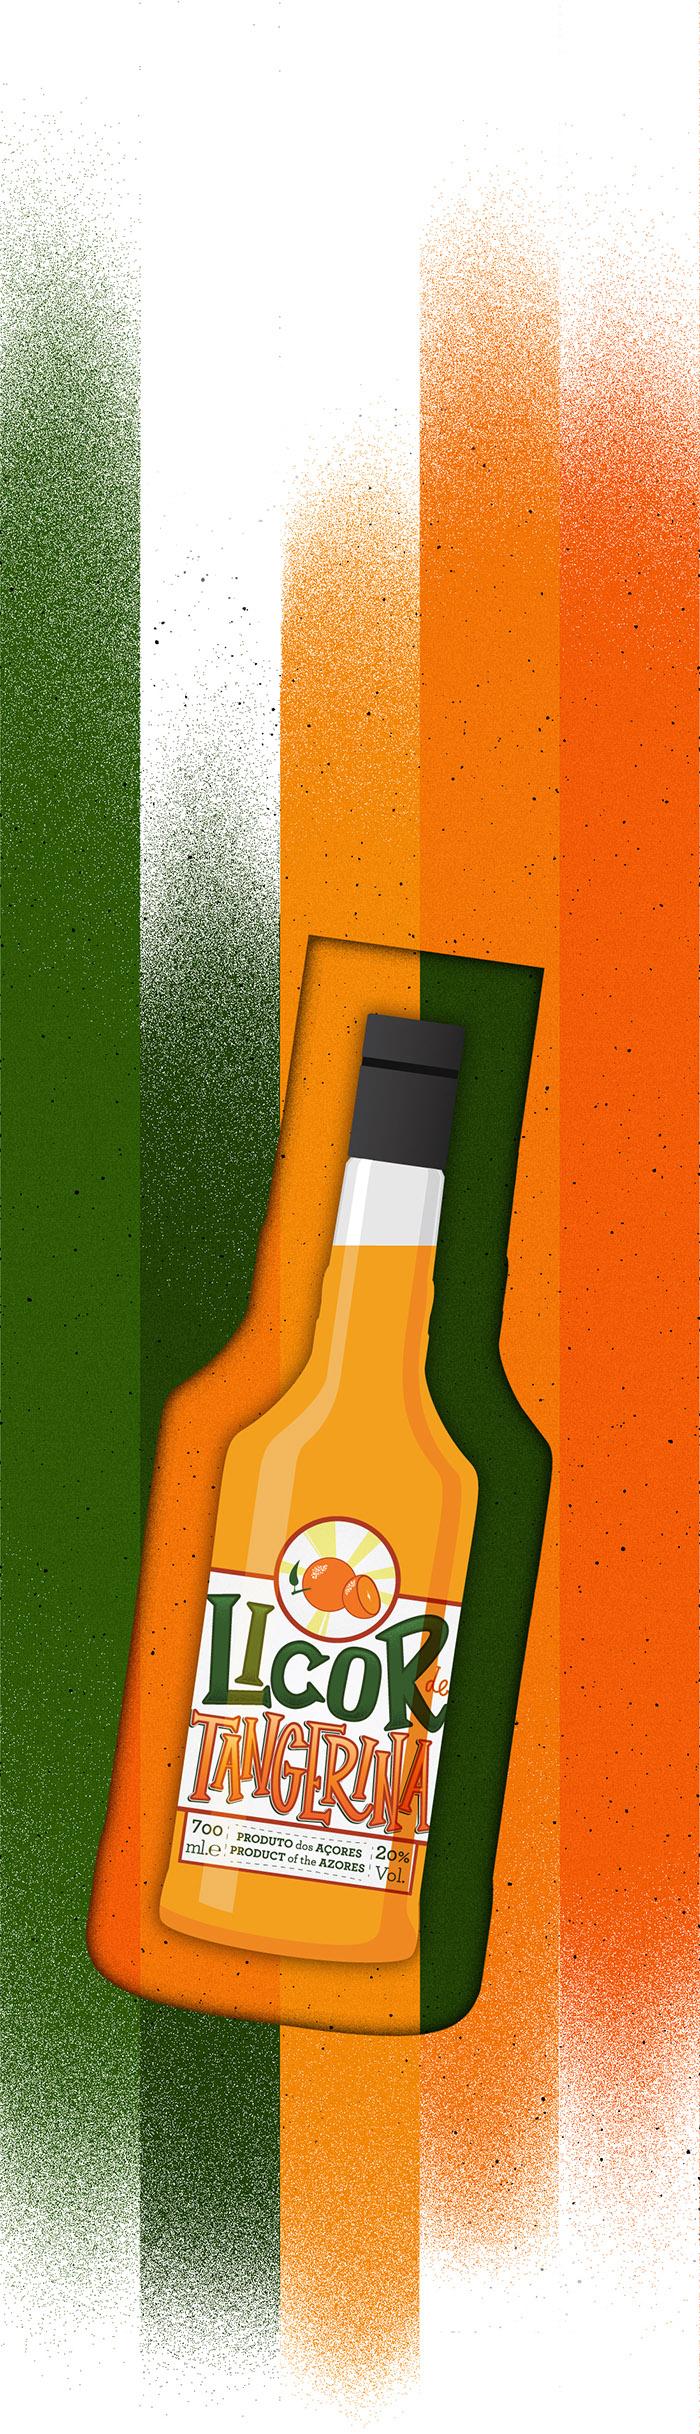 Liqueur labels4